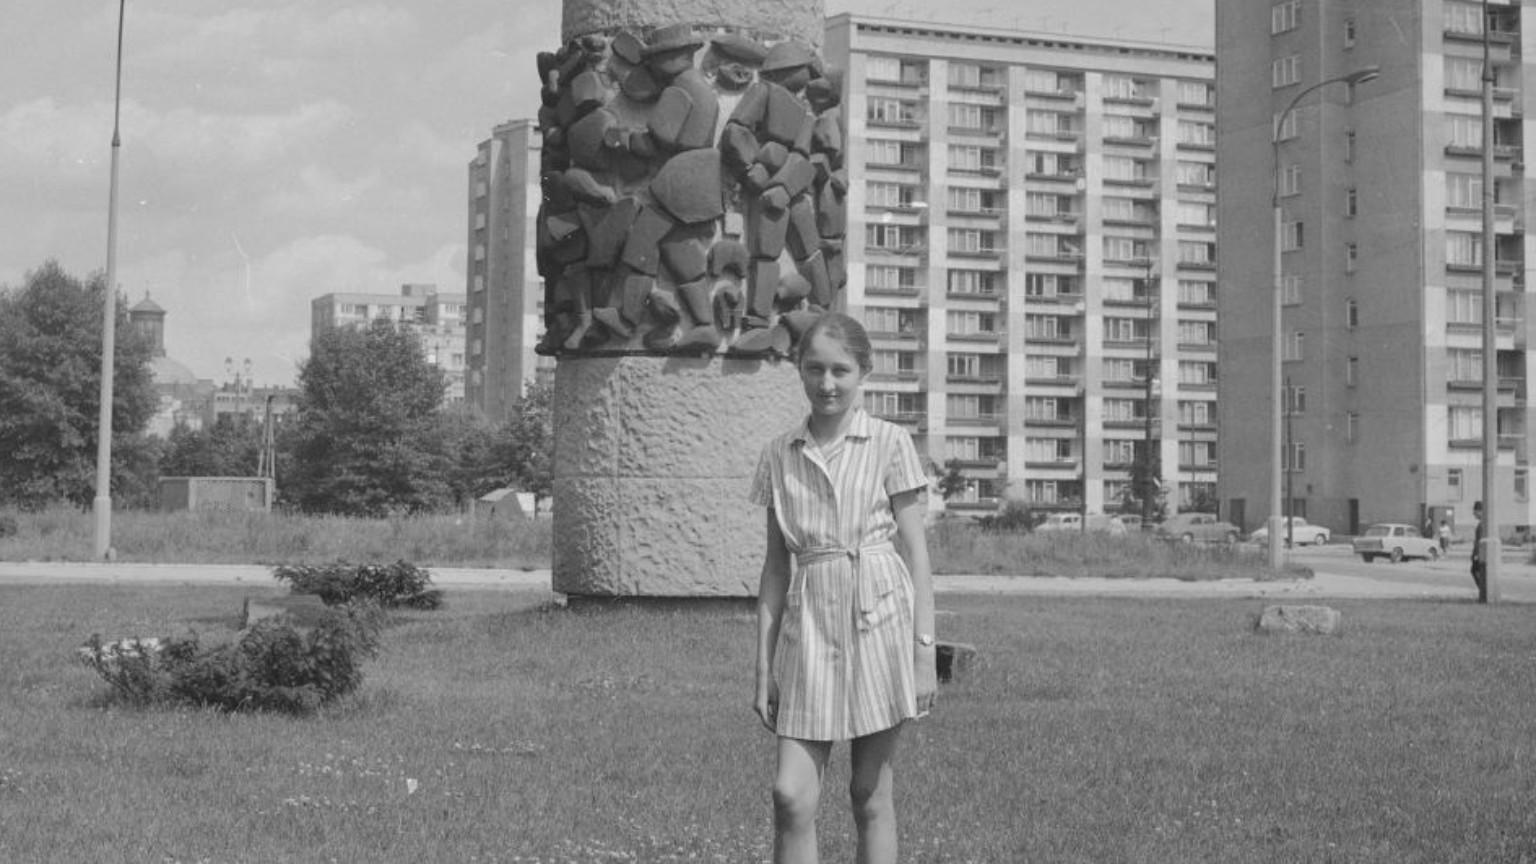 Zdjęcie dla kartki: Pomnik Czynu Chłopskiego przy Grzybowskiej